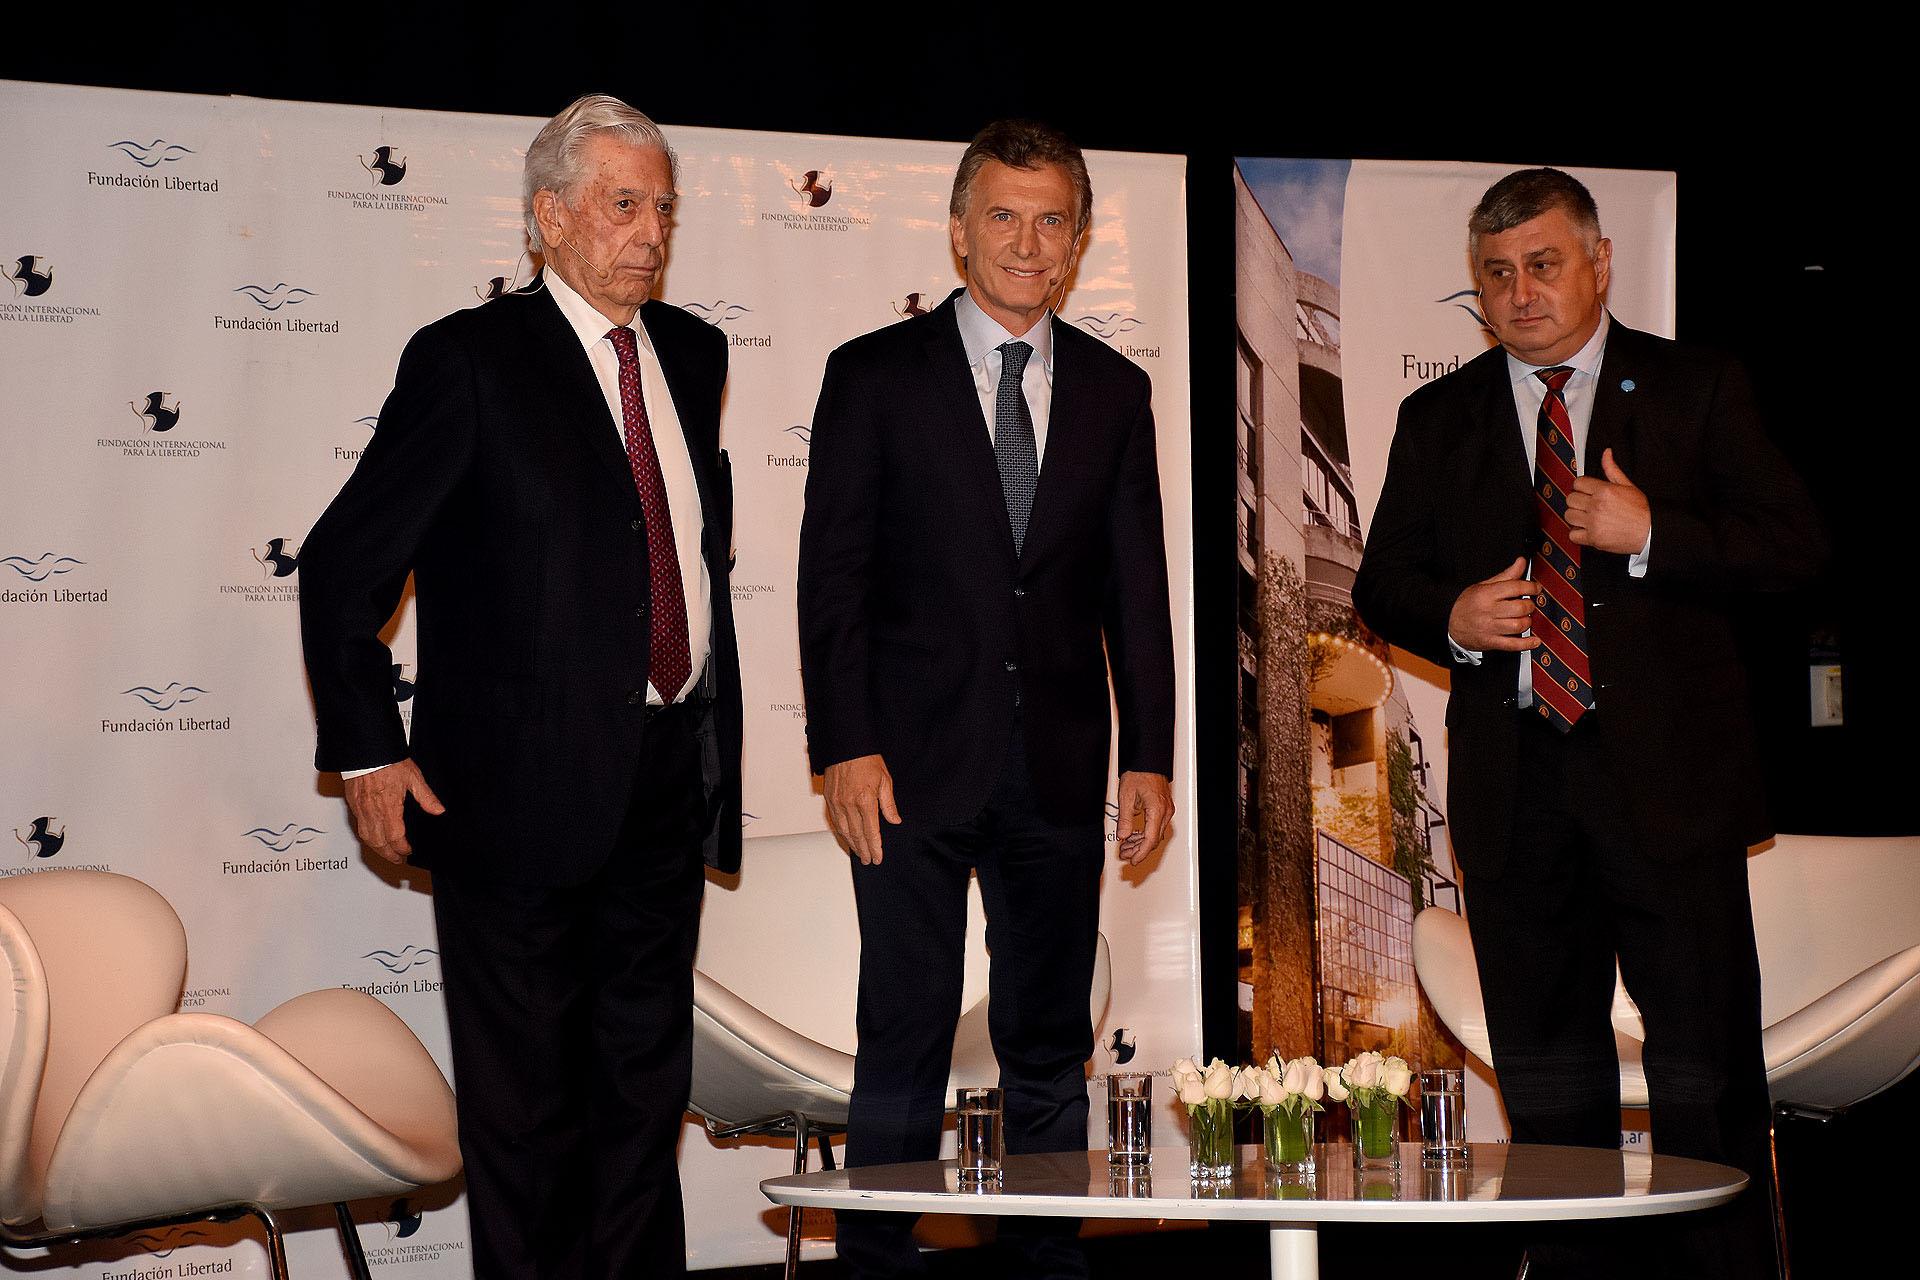 Mario Vargas Llosa, Mauricio Macri y Gerardo Bongiovanni frente a los invitados, entre quienes se reunieron representantes del sector público y privado, como ministros, gobernadores, legisladores, empresarios e intelectuales de todo el país